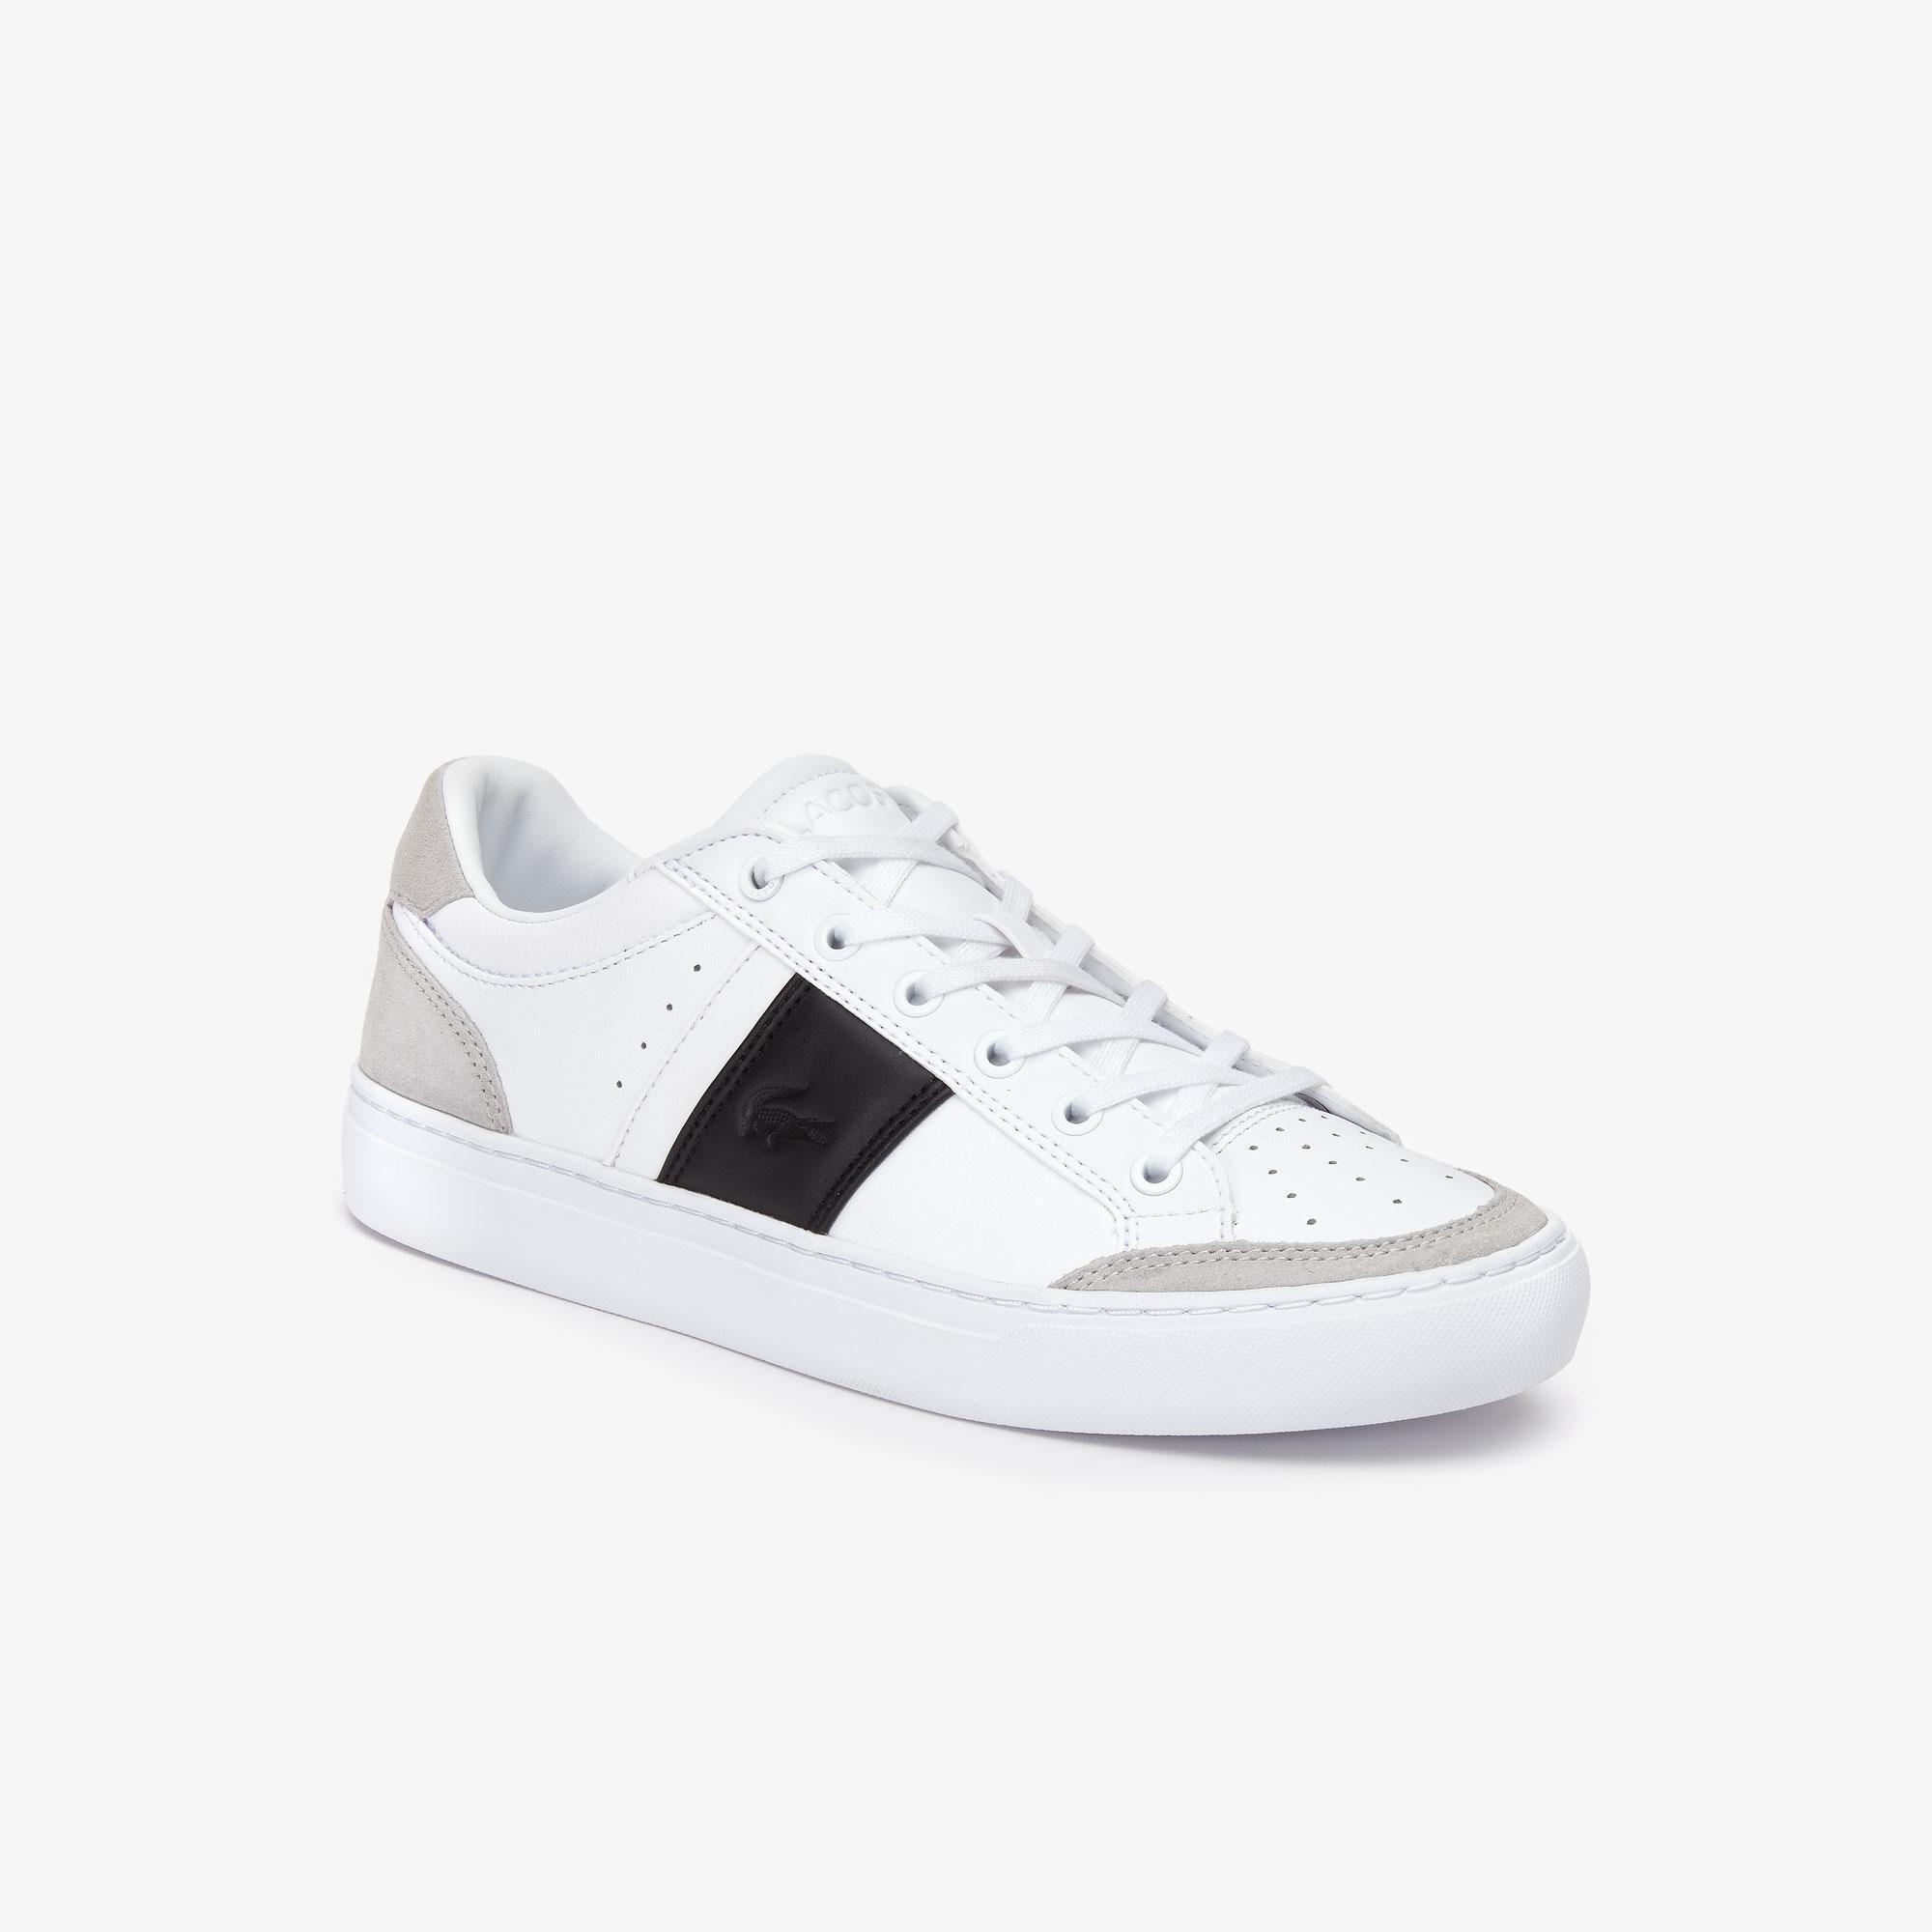 Lacoste Courtline 319 1 US Men's Shoes